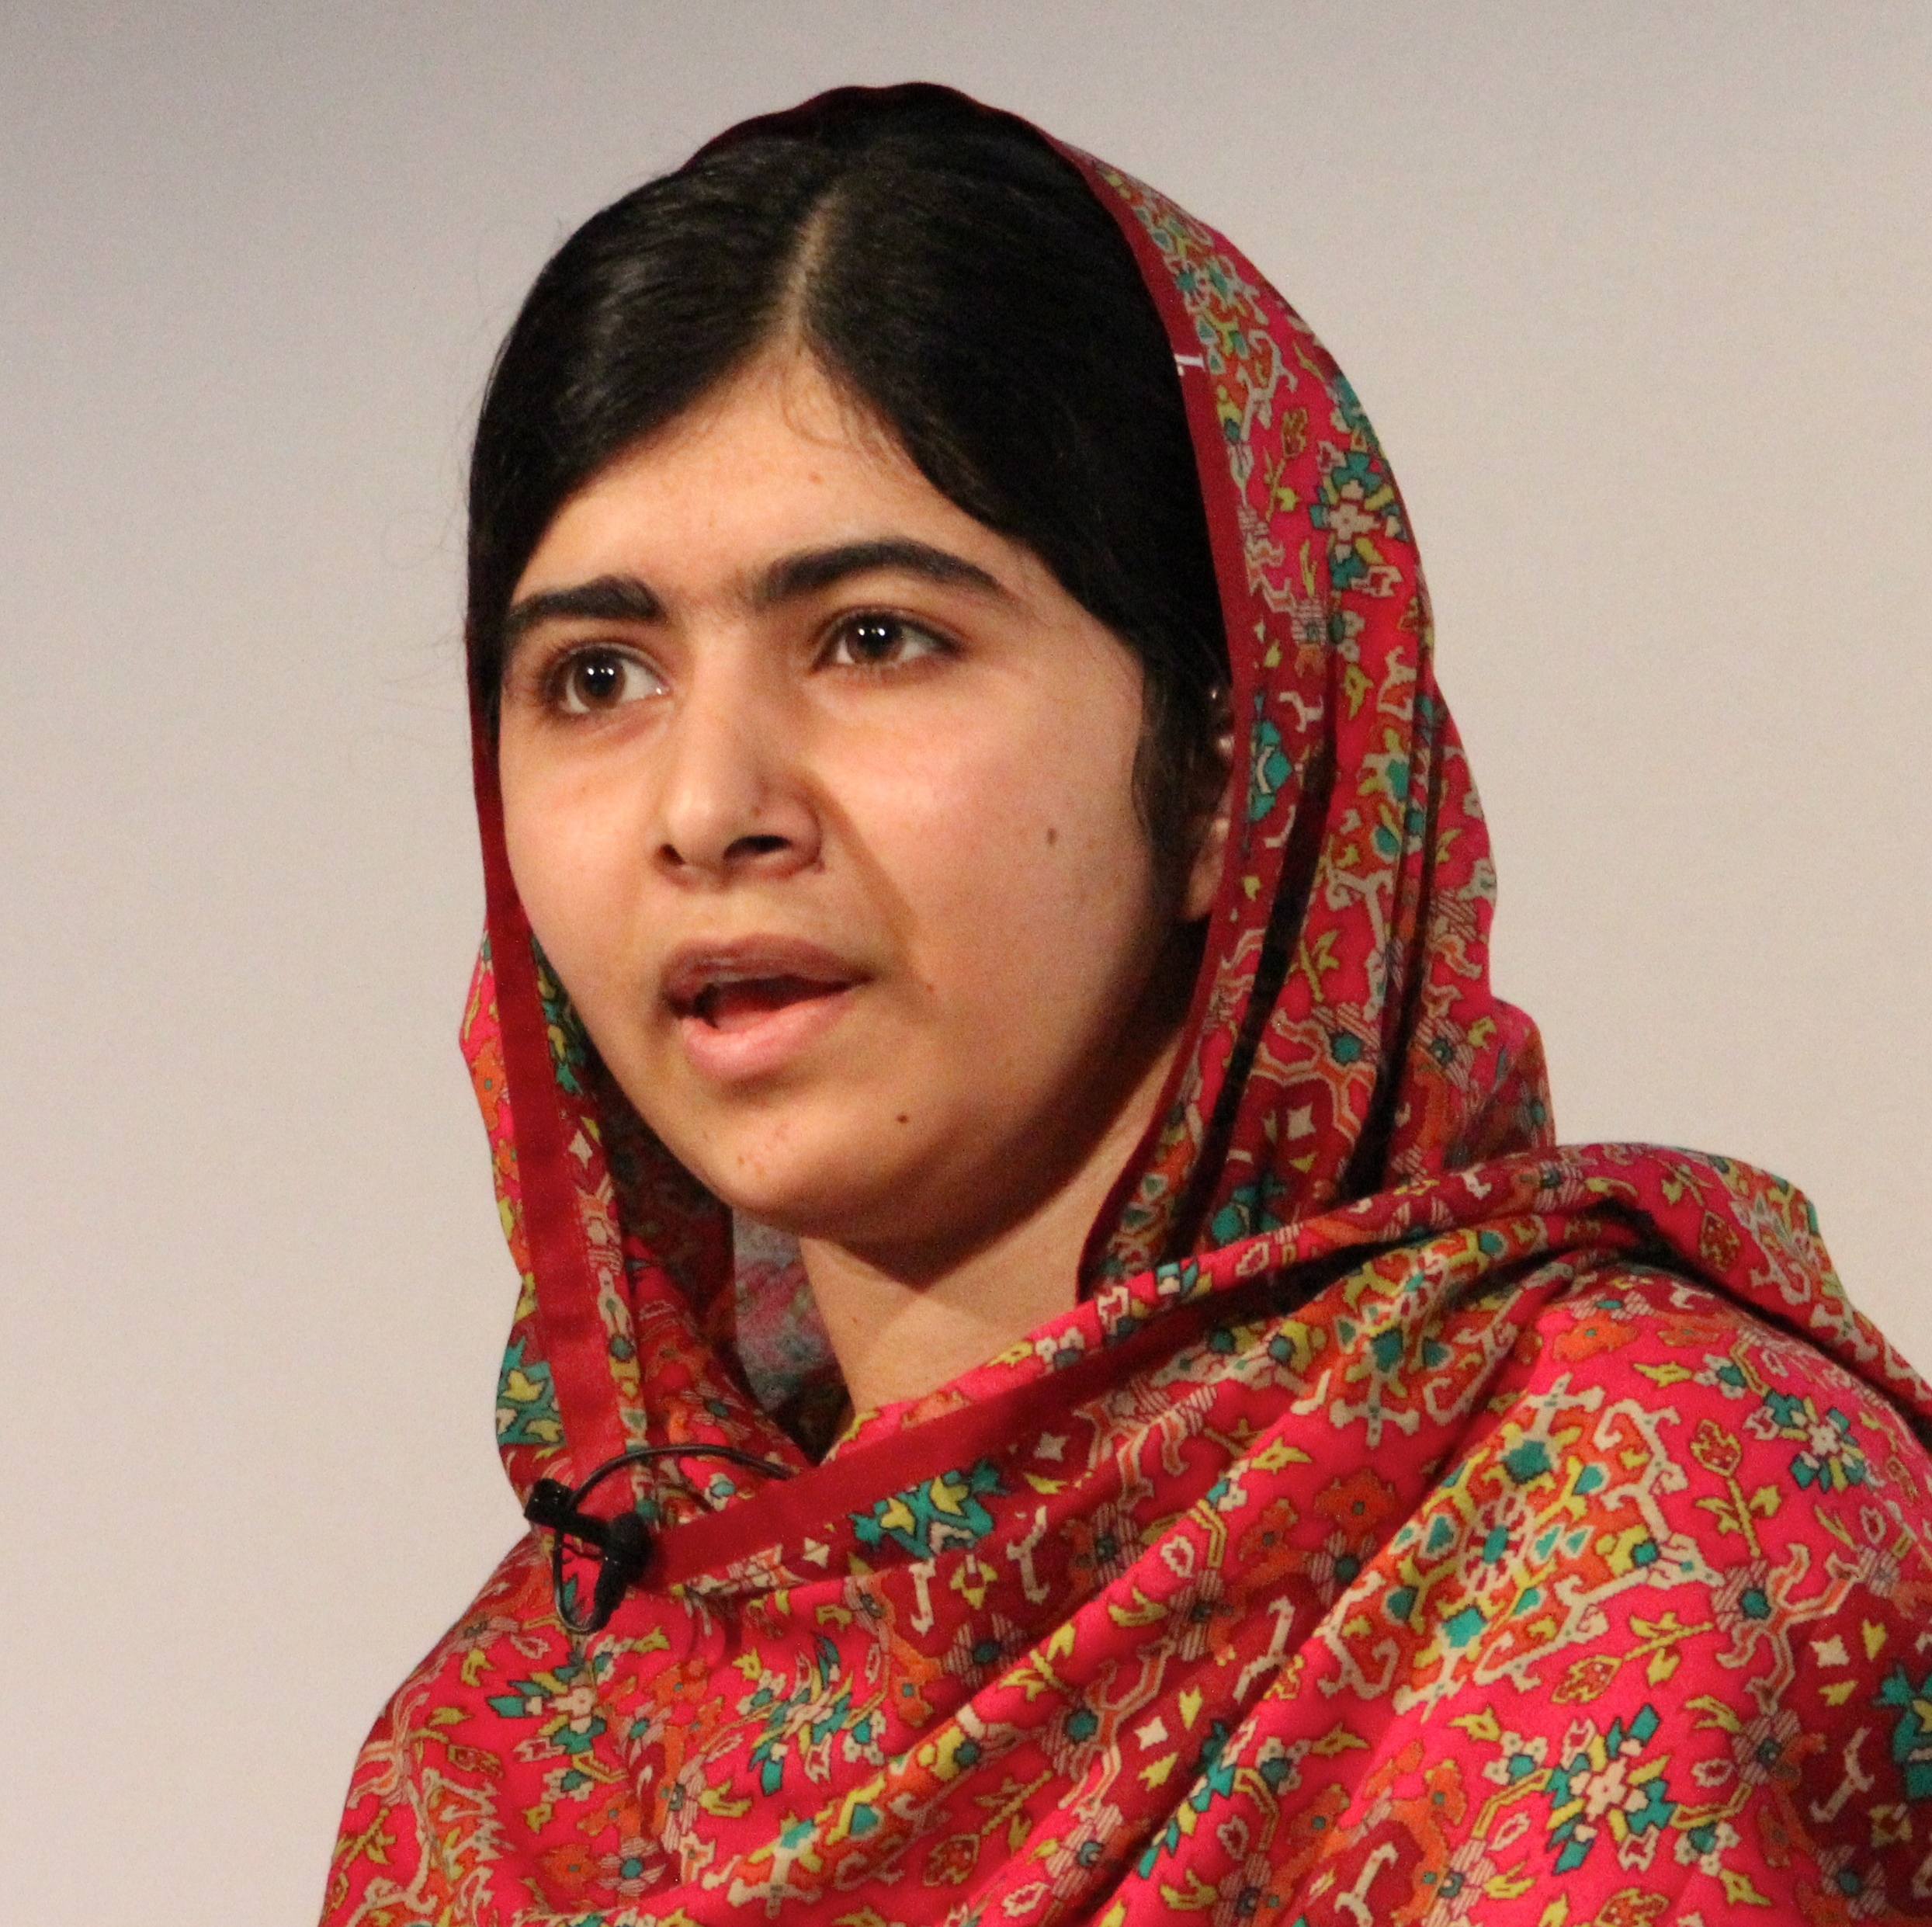 Malala Yousafzai Wikiquote